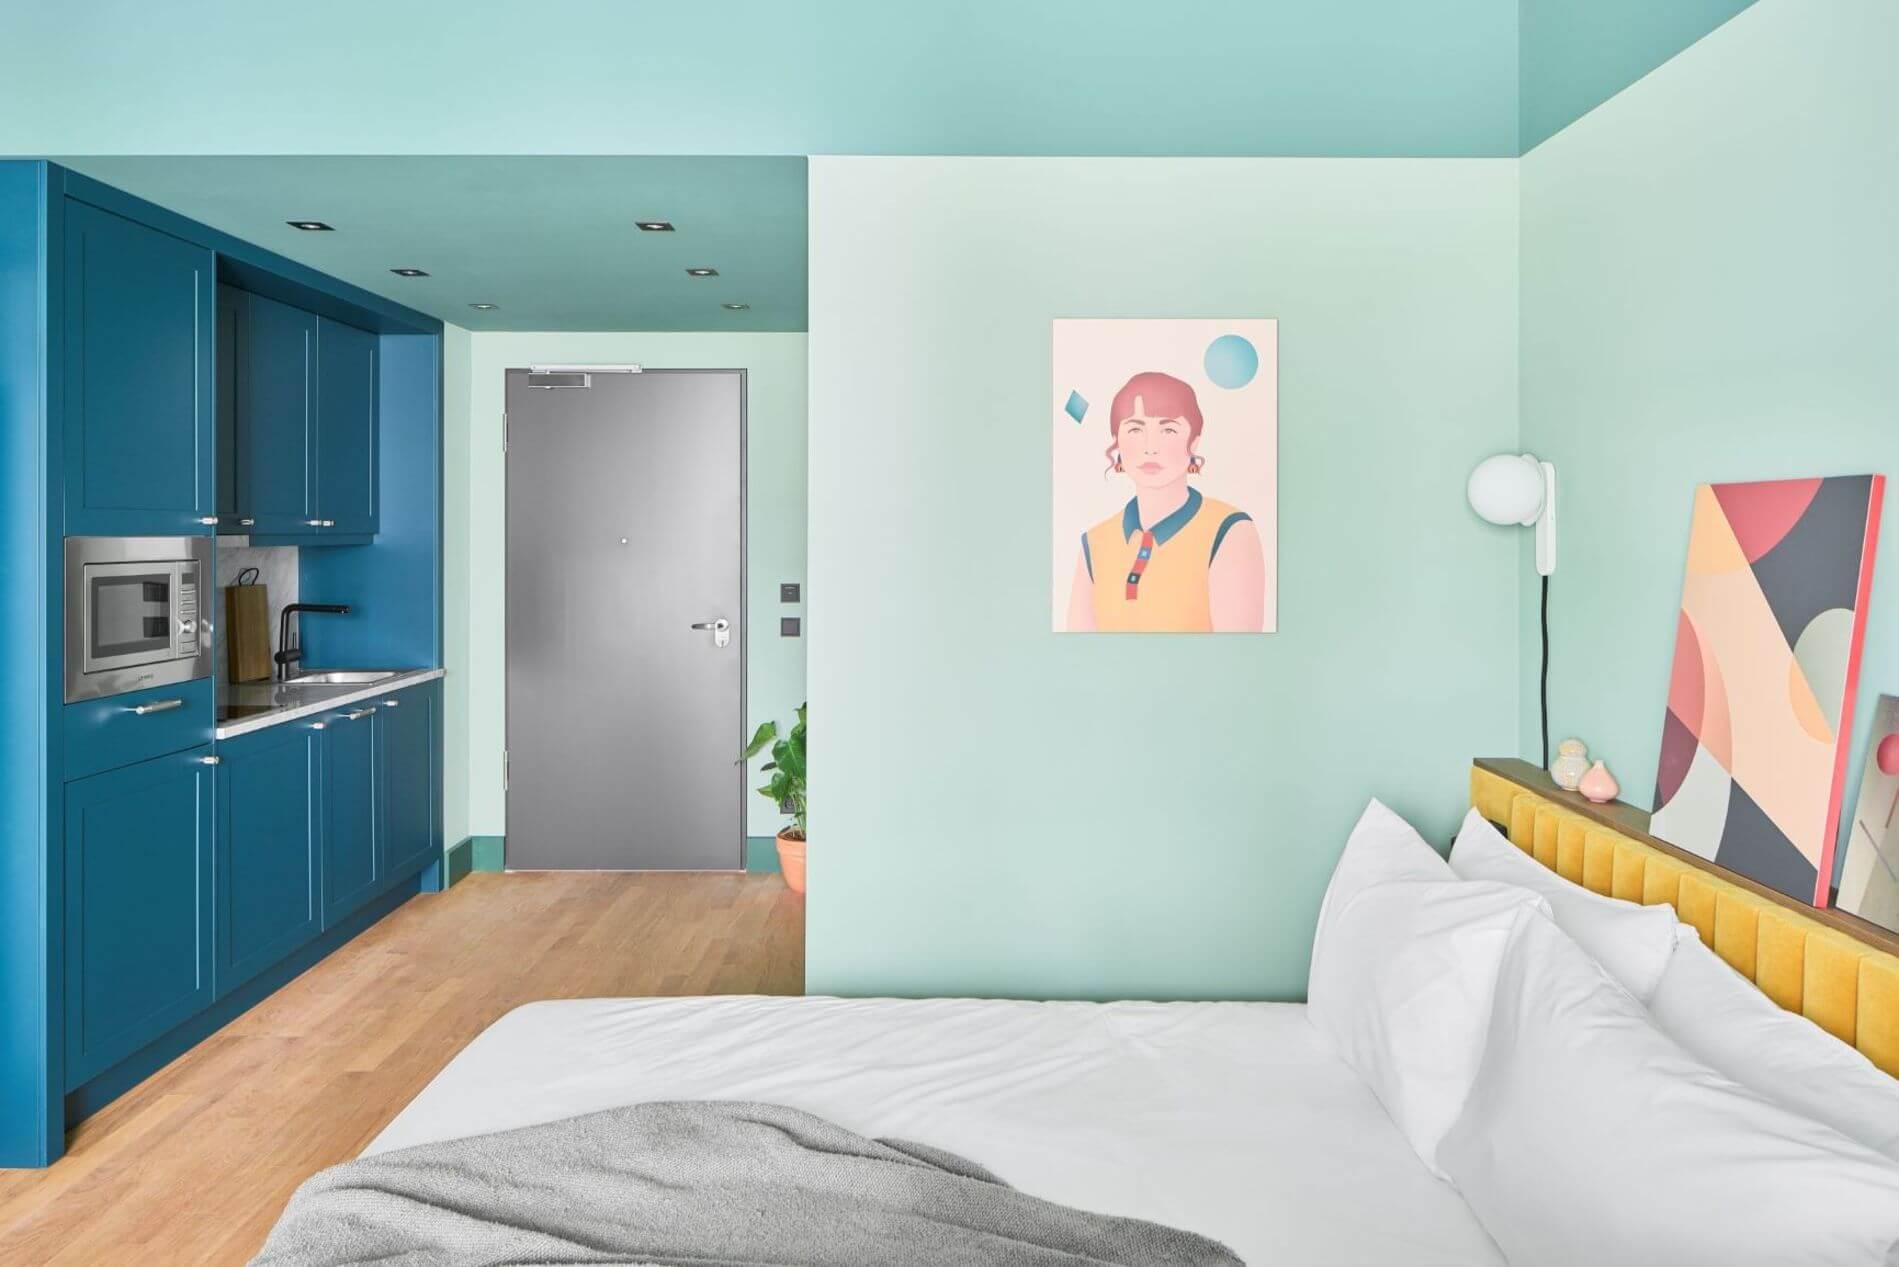 Studio apartment for rent in Munchen